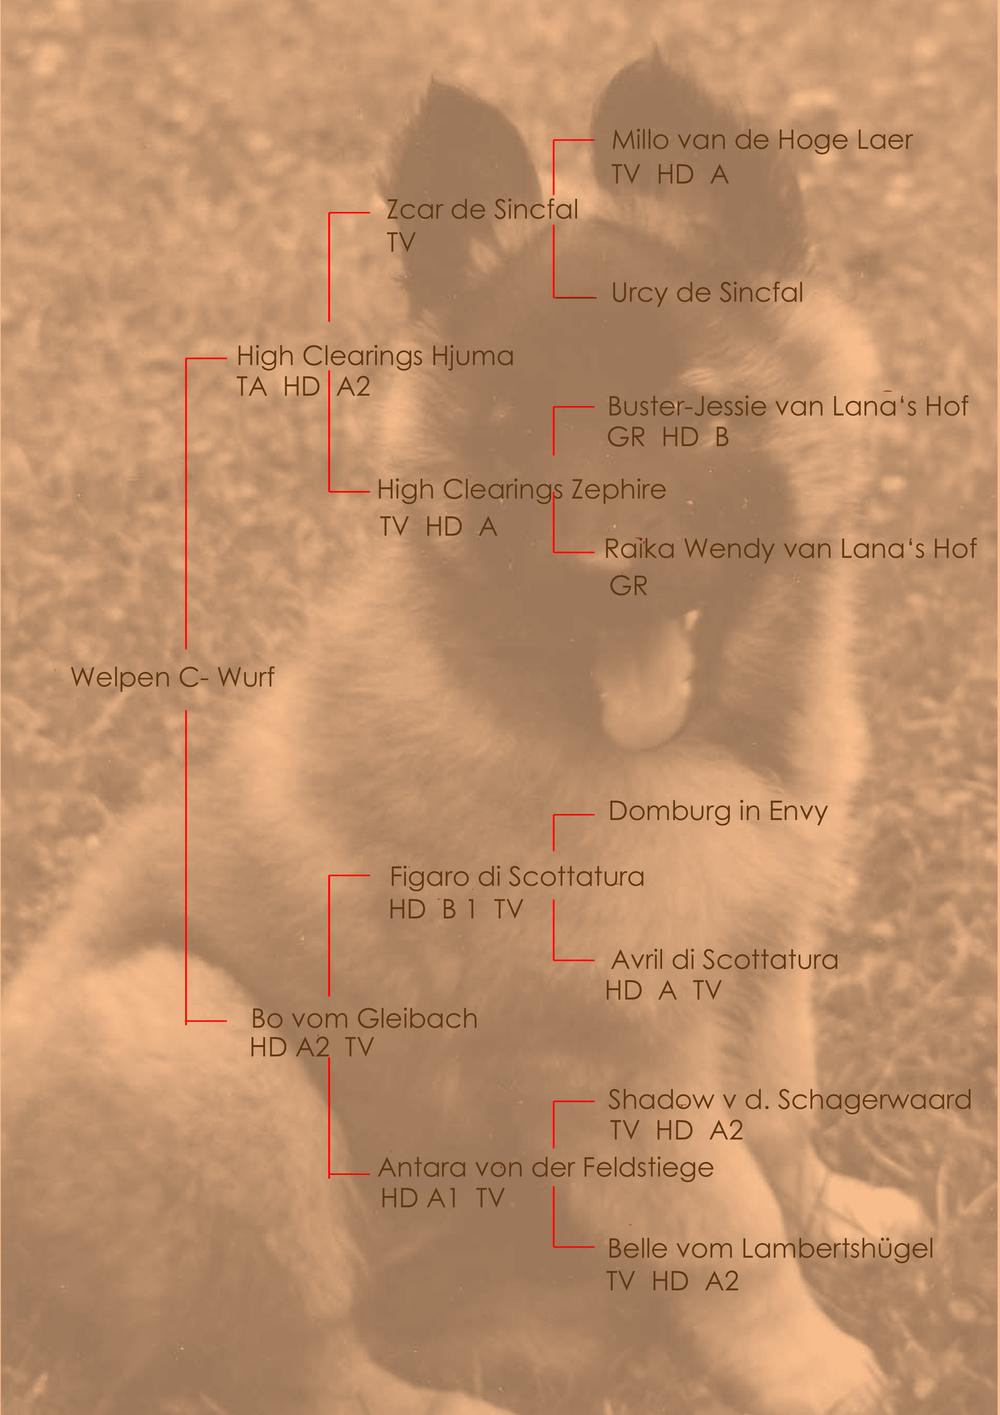 Stammbaum Welpen C-Wurf